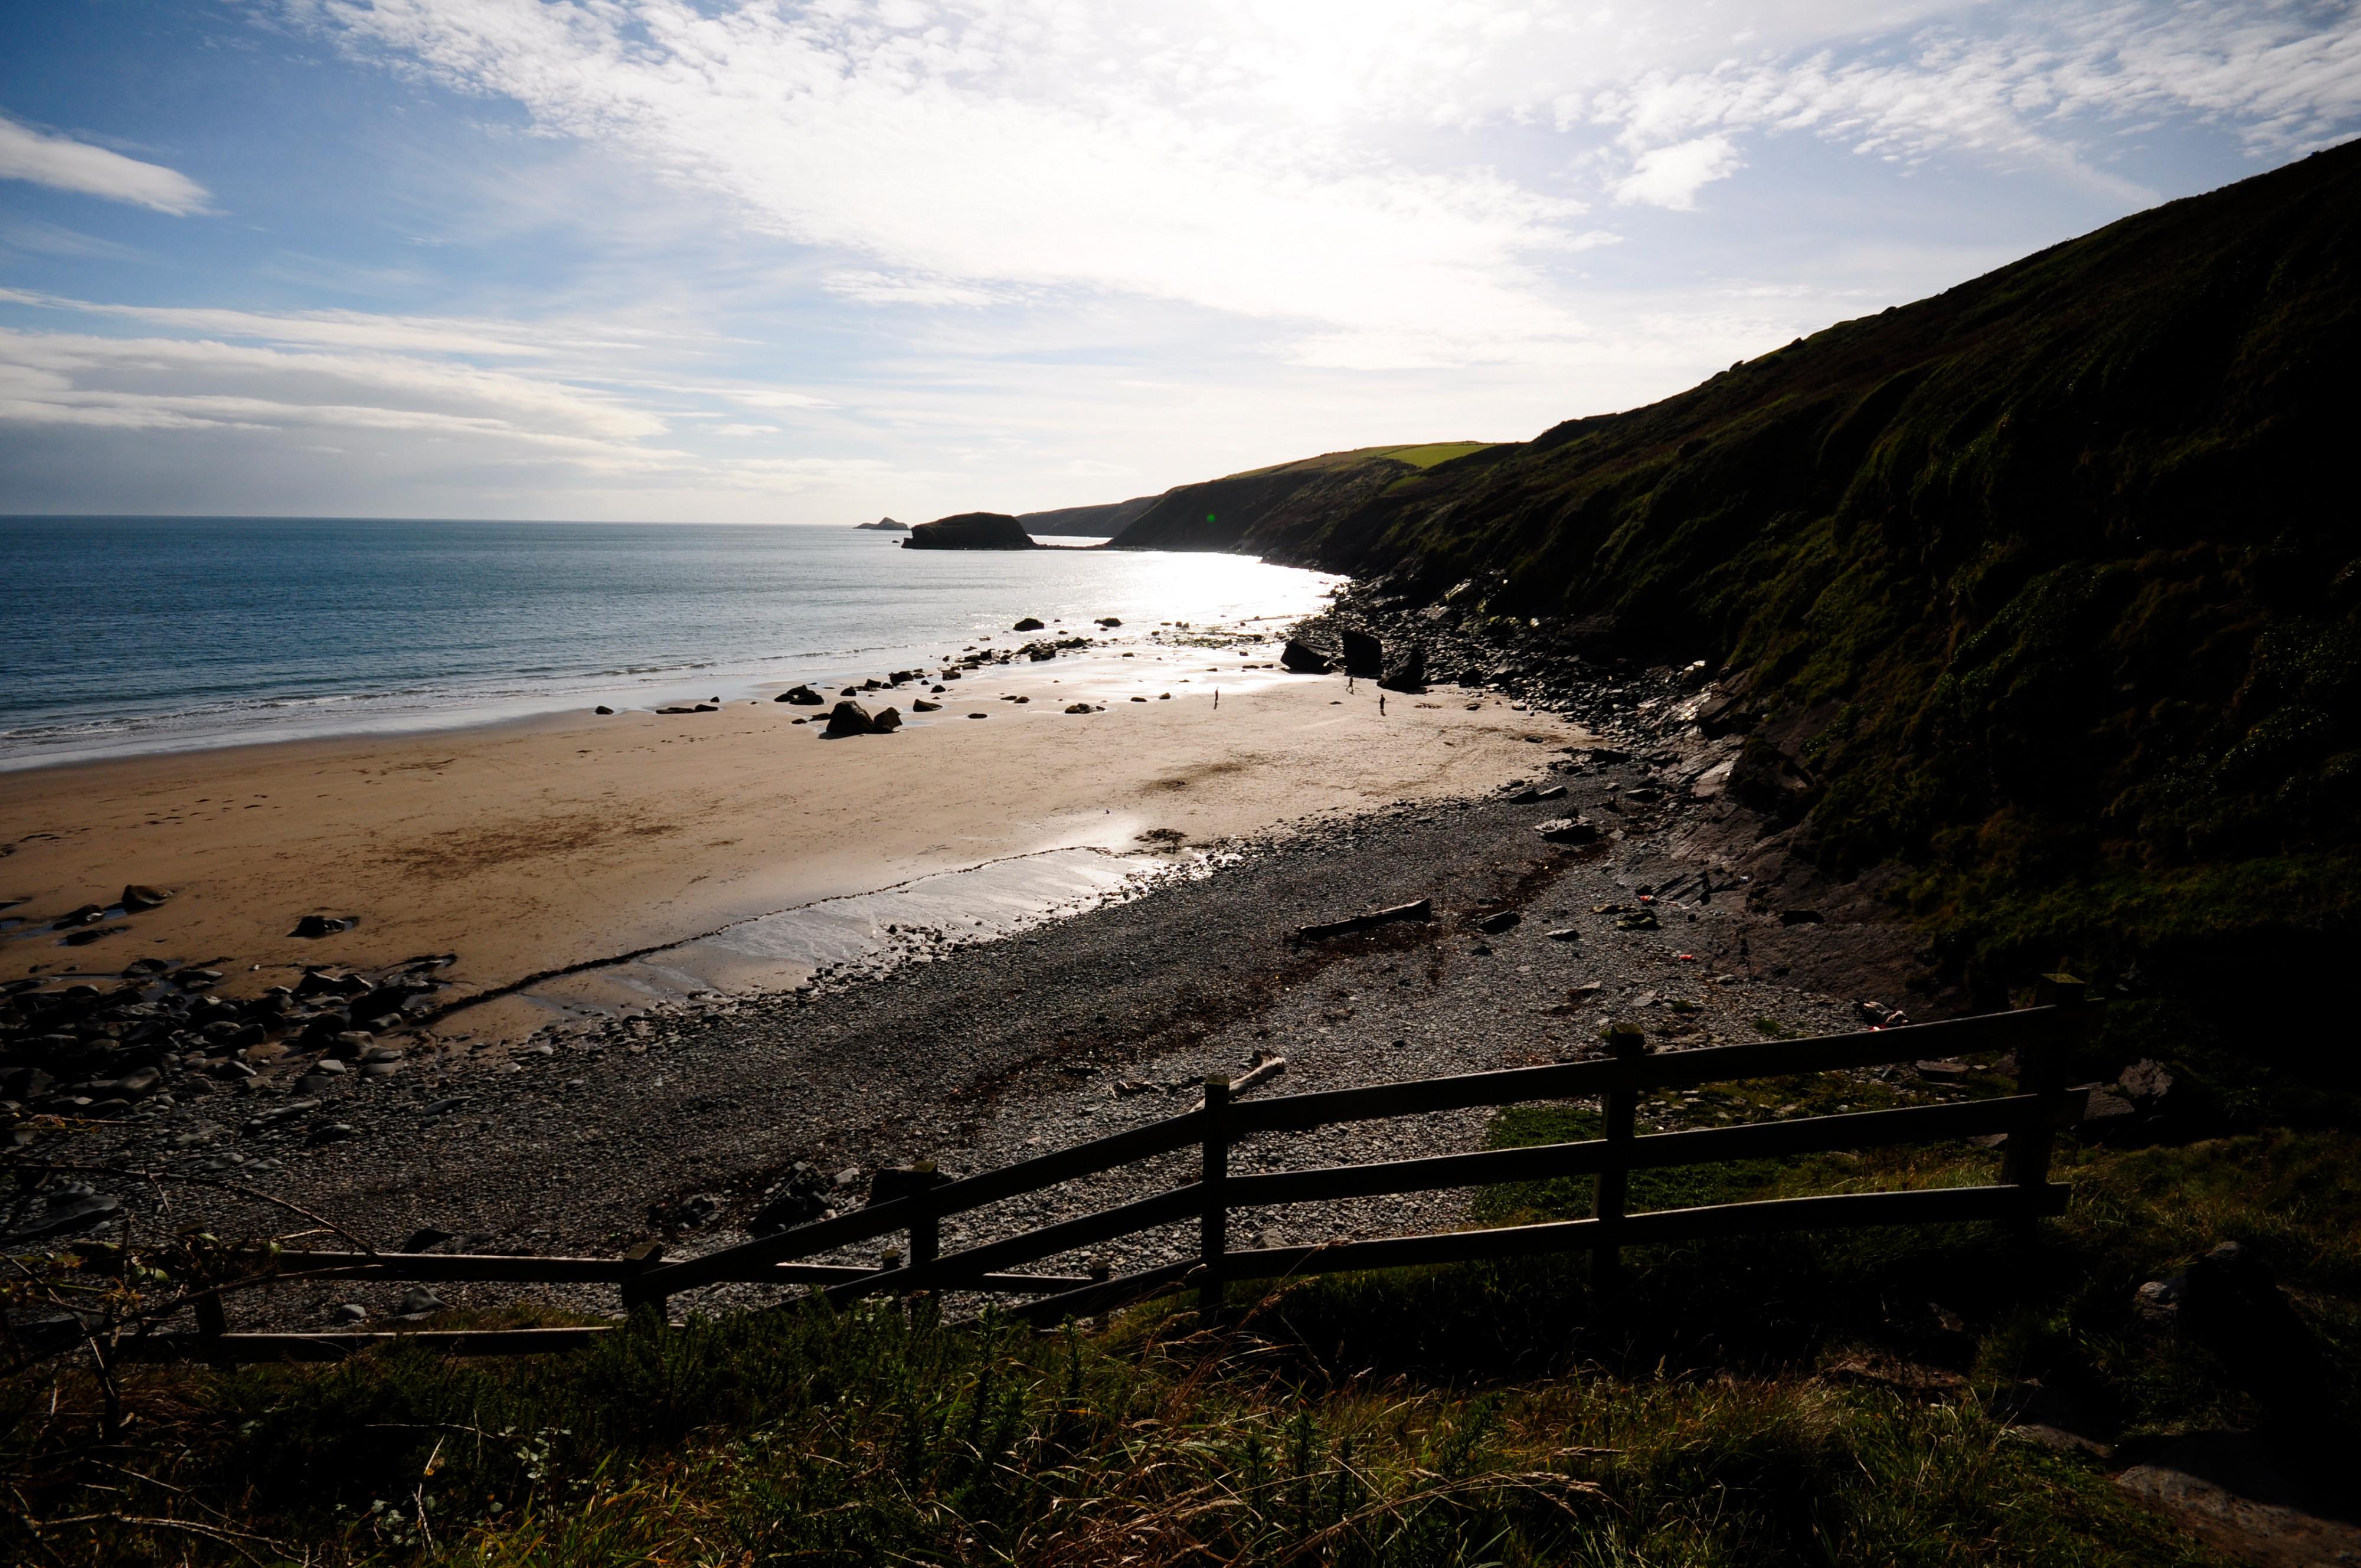 Porth Ysgo, Llyn Peninsula